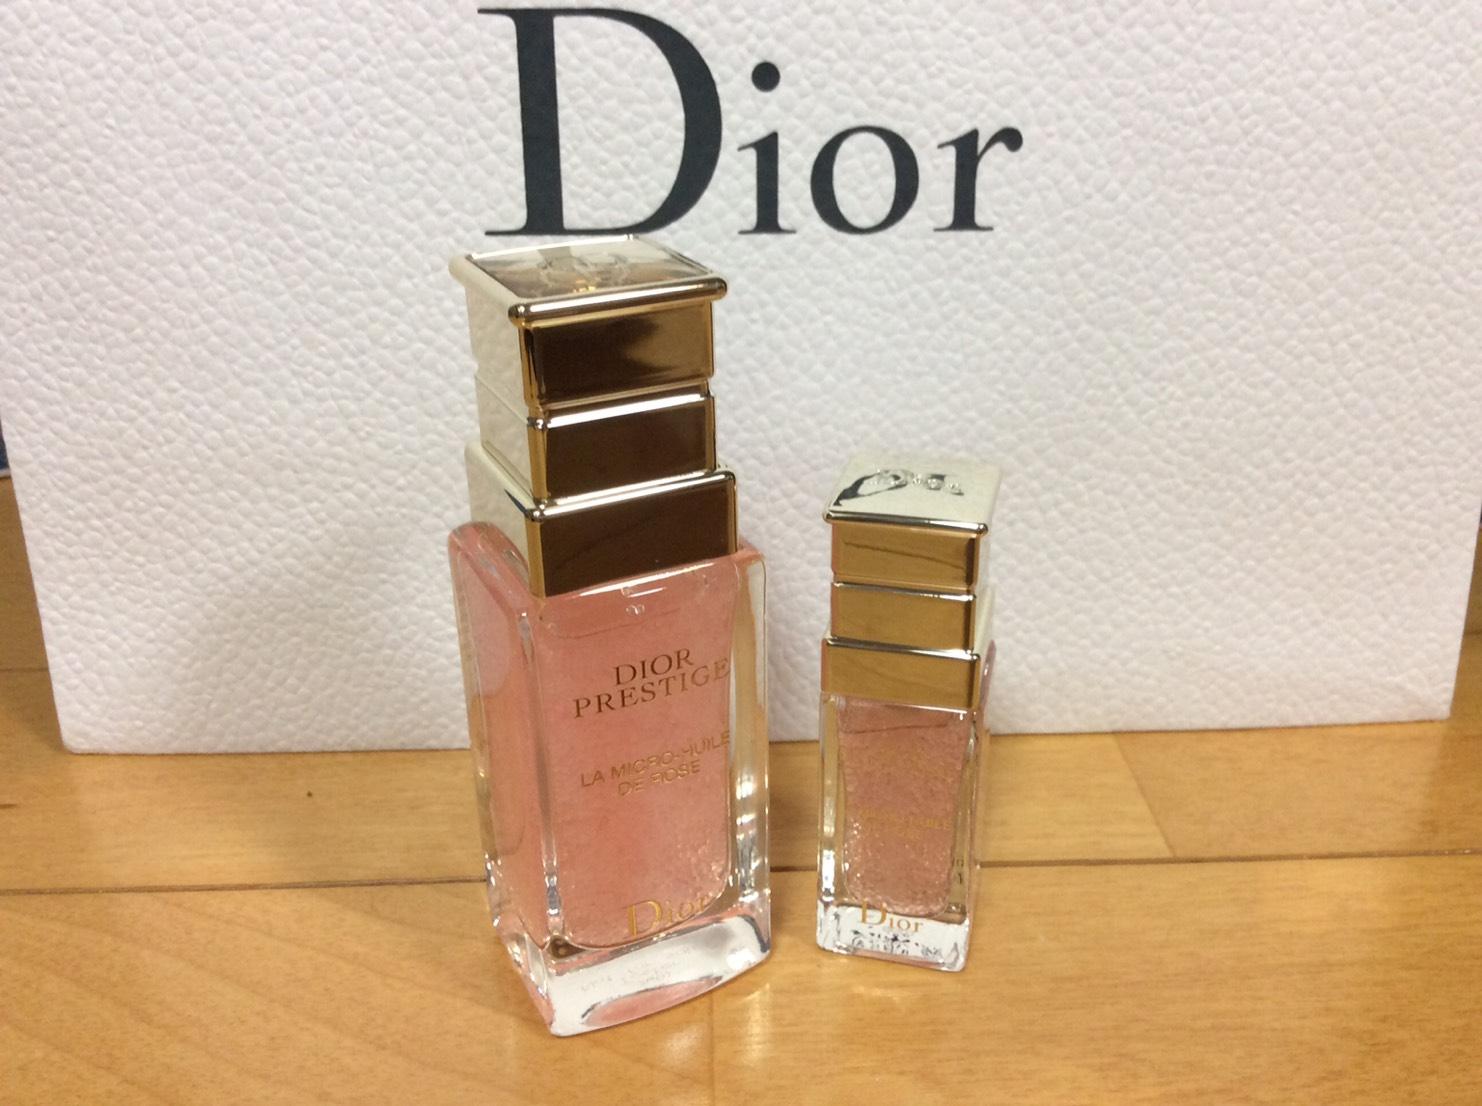 Dior プレステージ ユイルドローズ ミニチュア